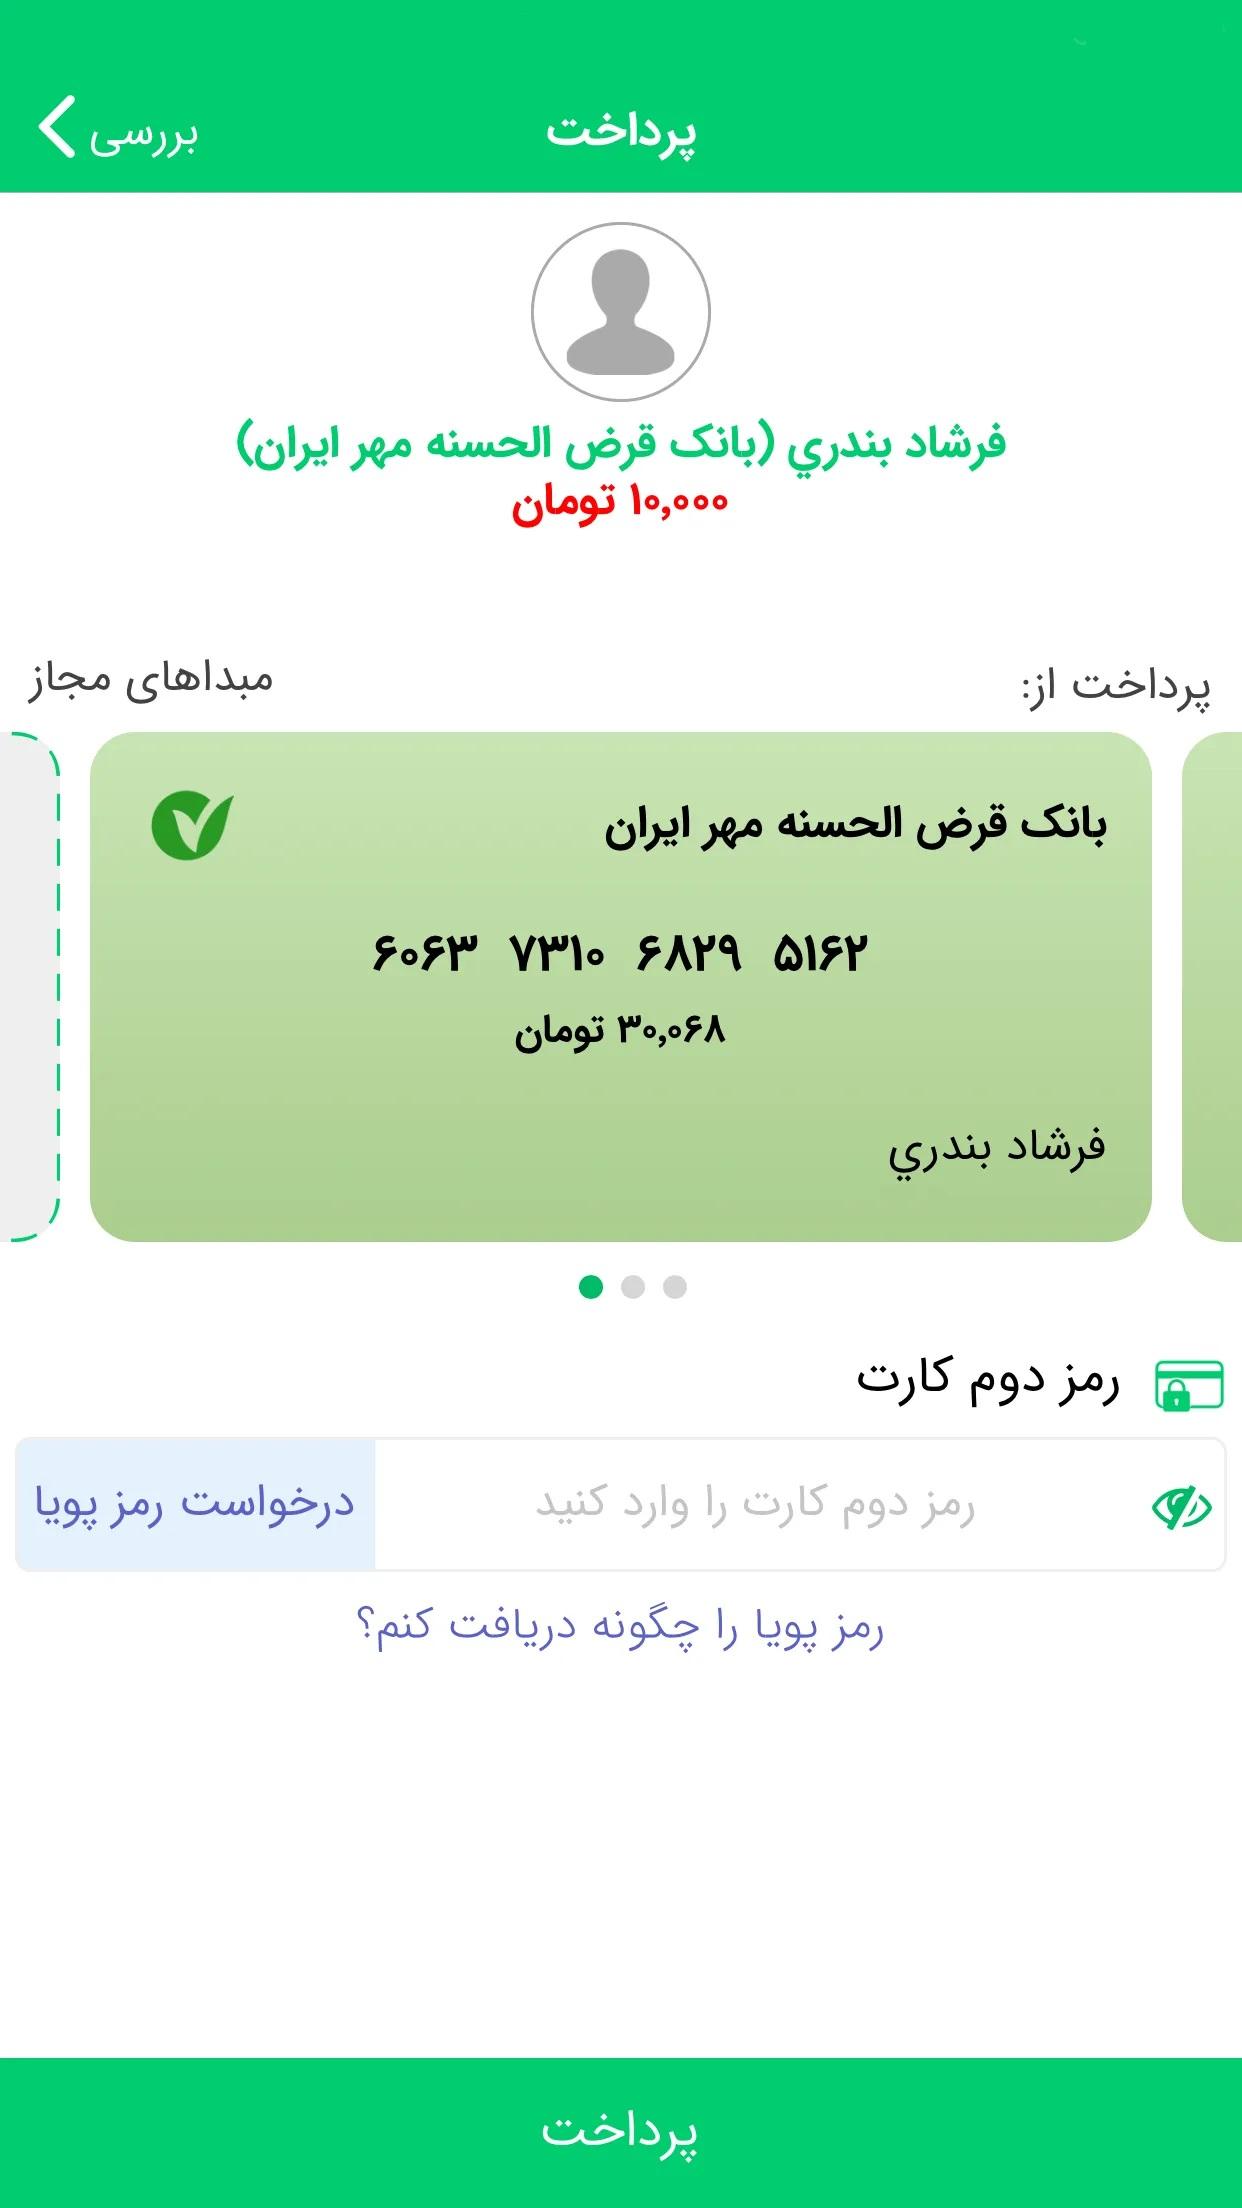 همراه بانک مهر ایران